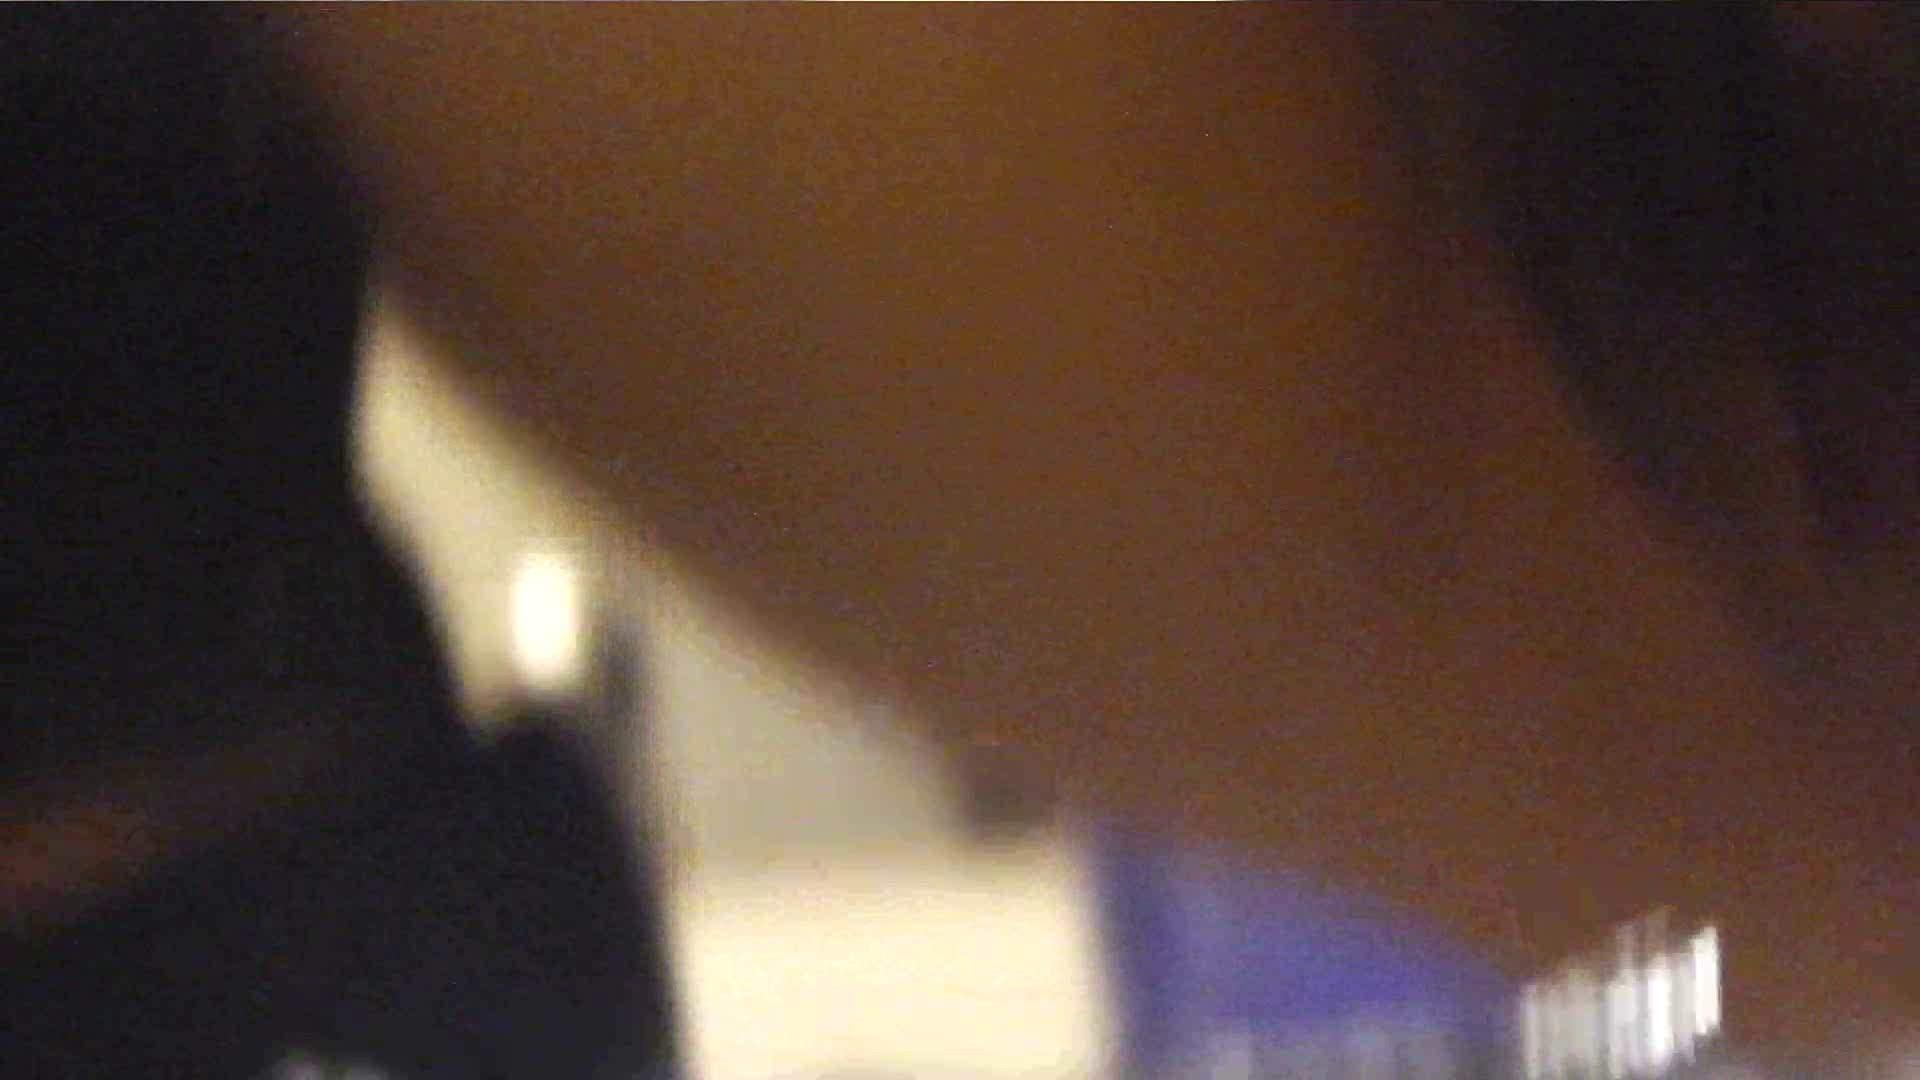 阿国ちゃんの「和式洋式七変化」No.6 洗面所 濡れ場動画紹介 61連発 50